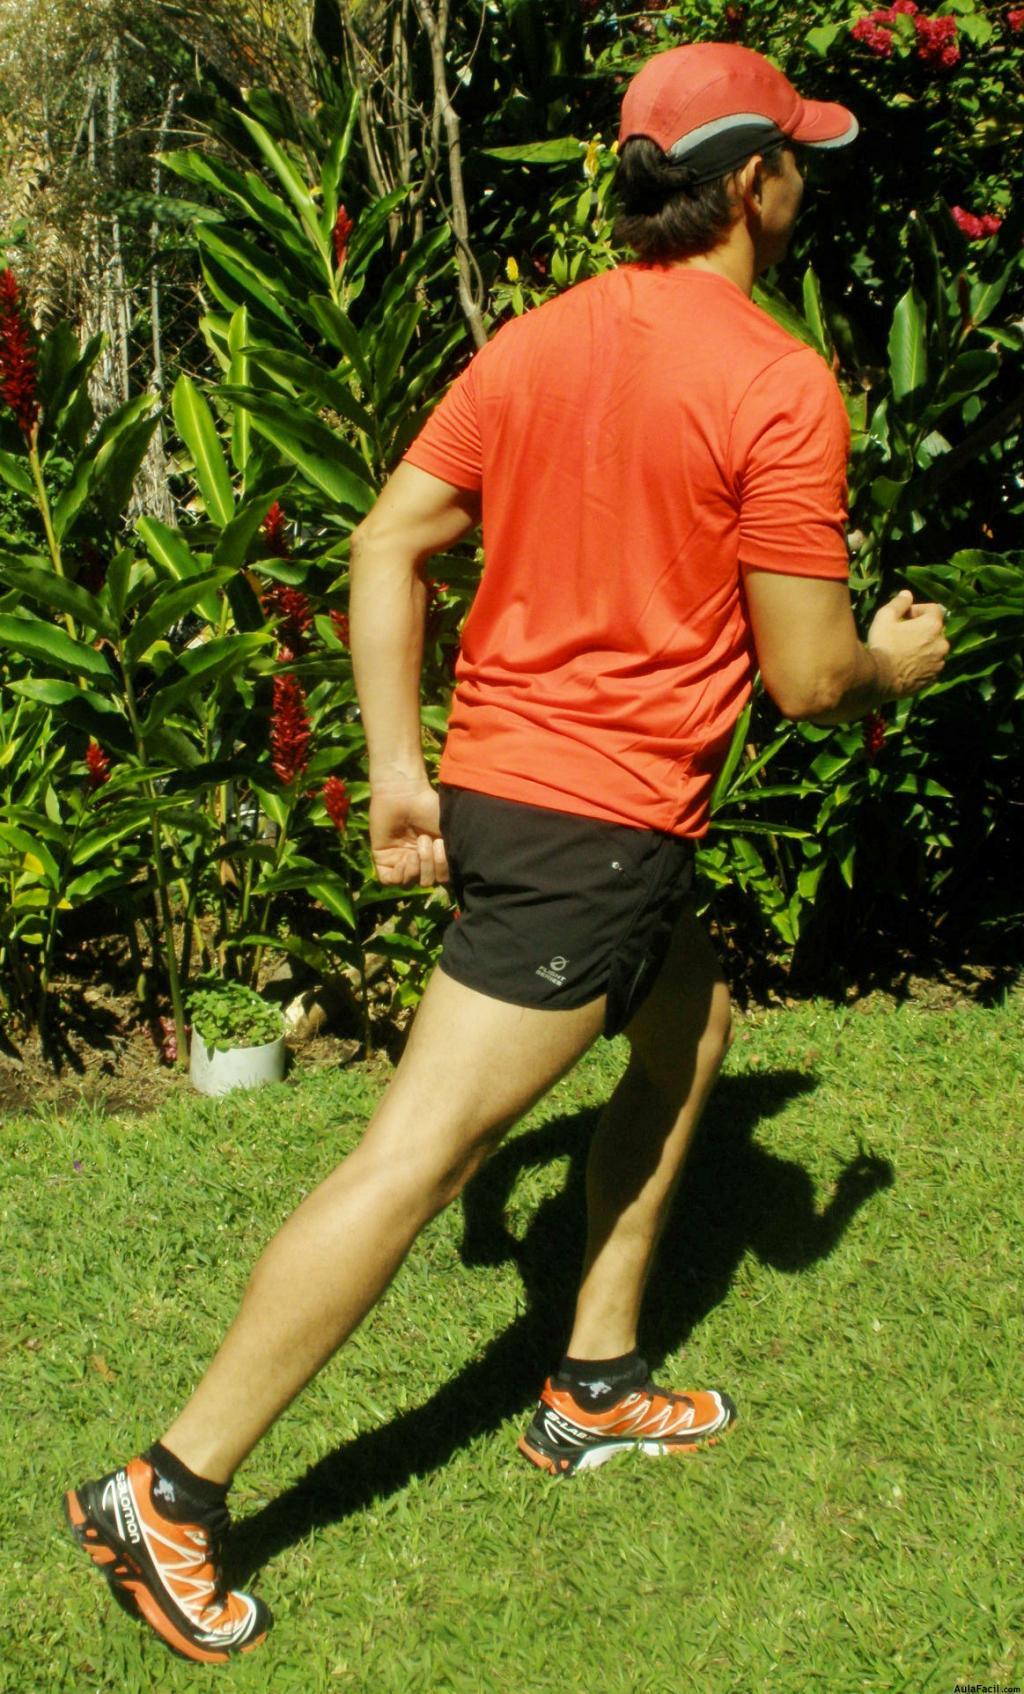 Armarios que se puede hacer para bajar la grasa abdominal rigor